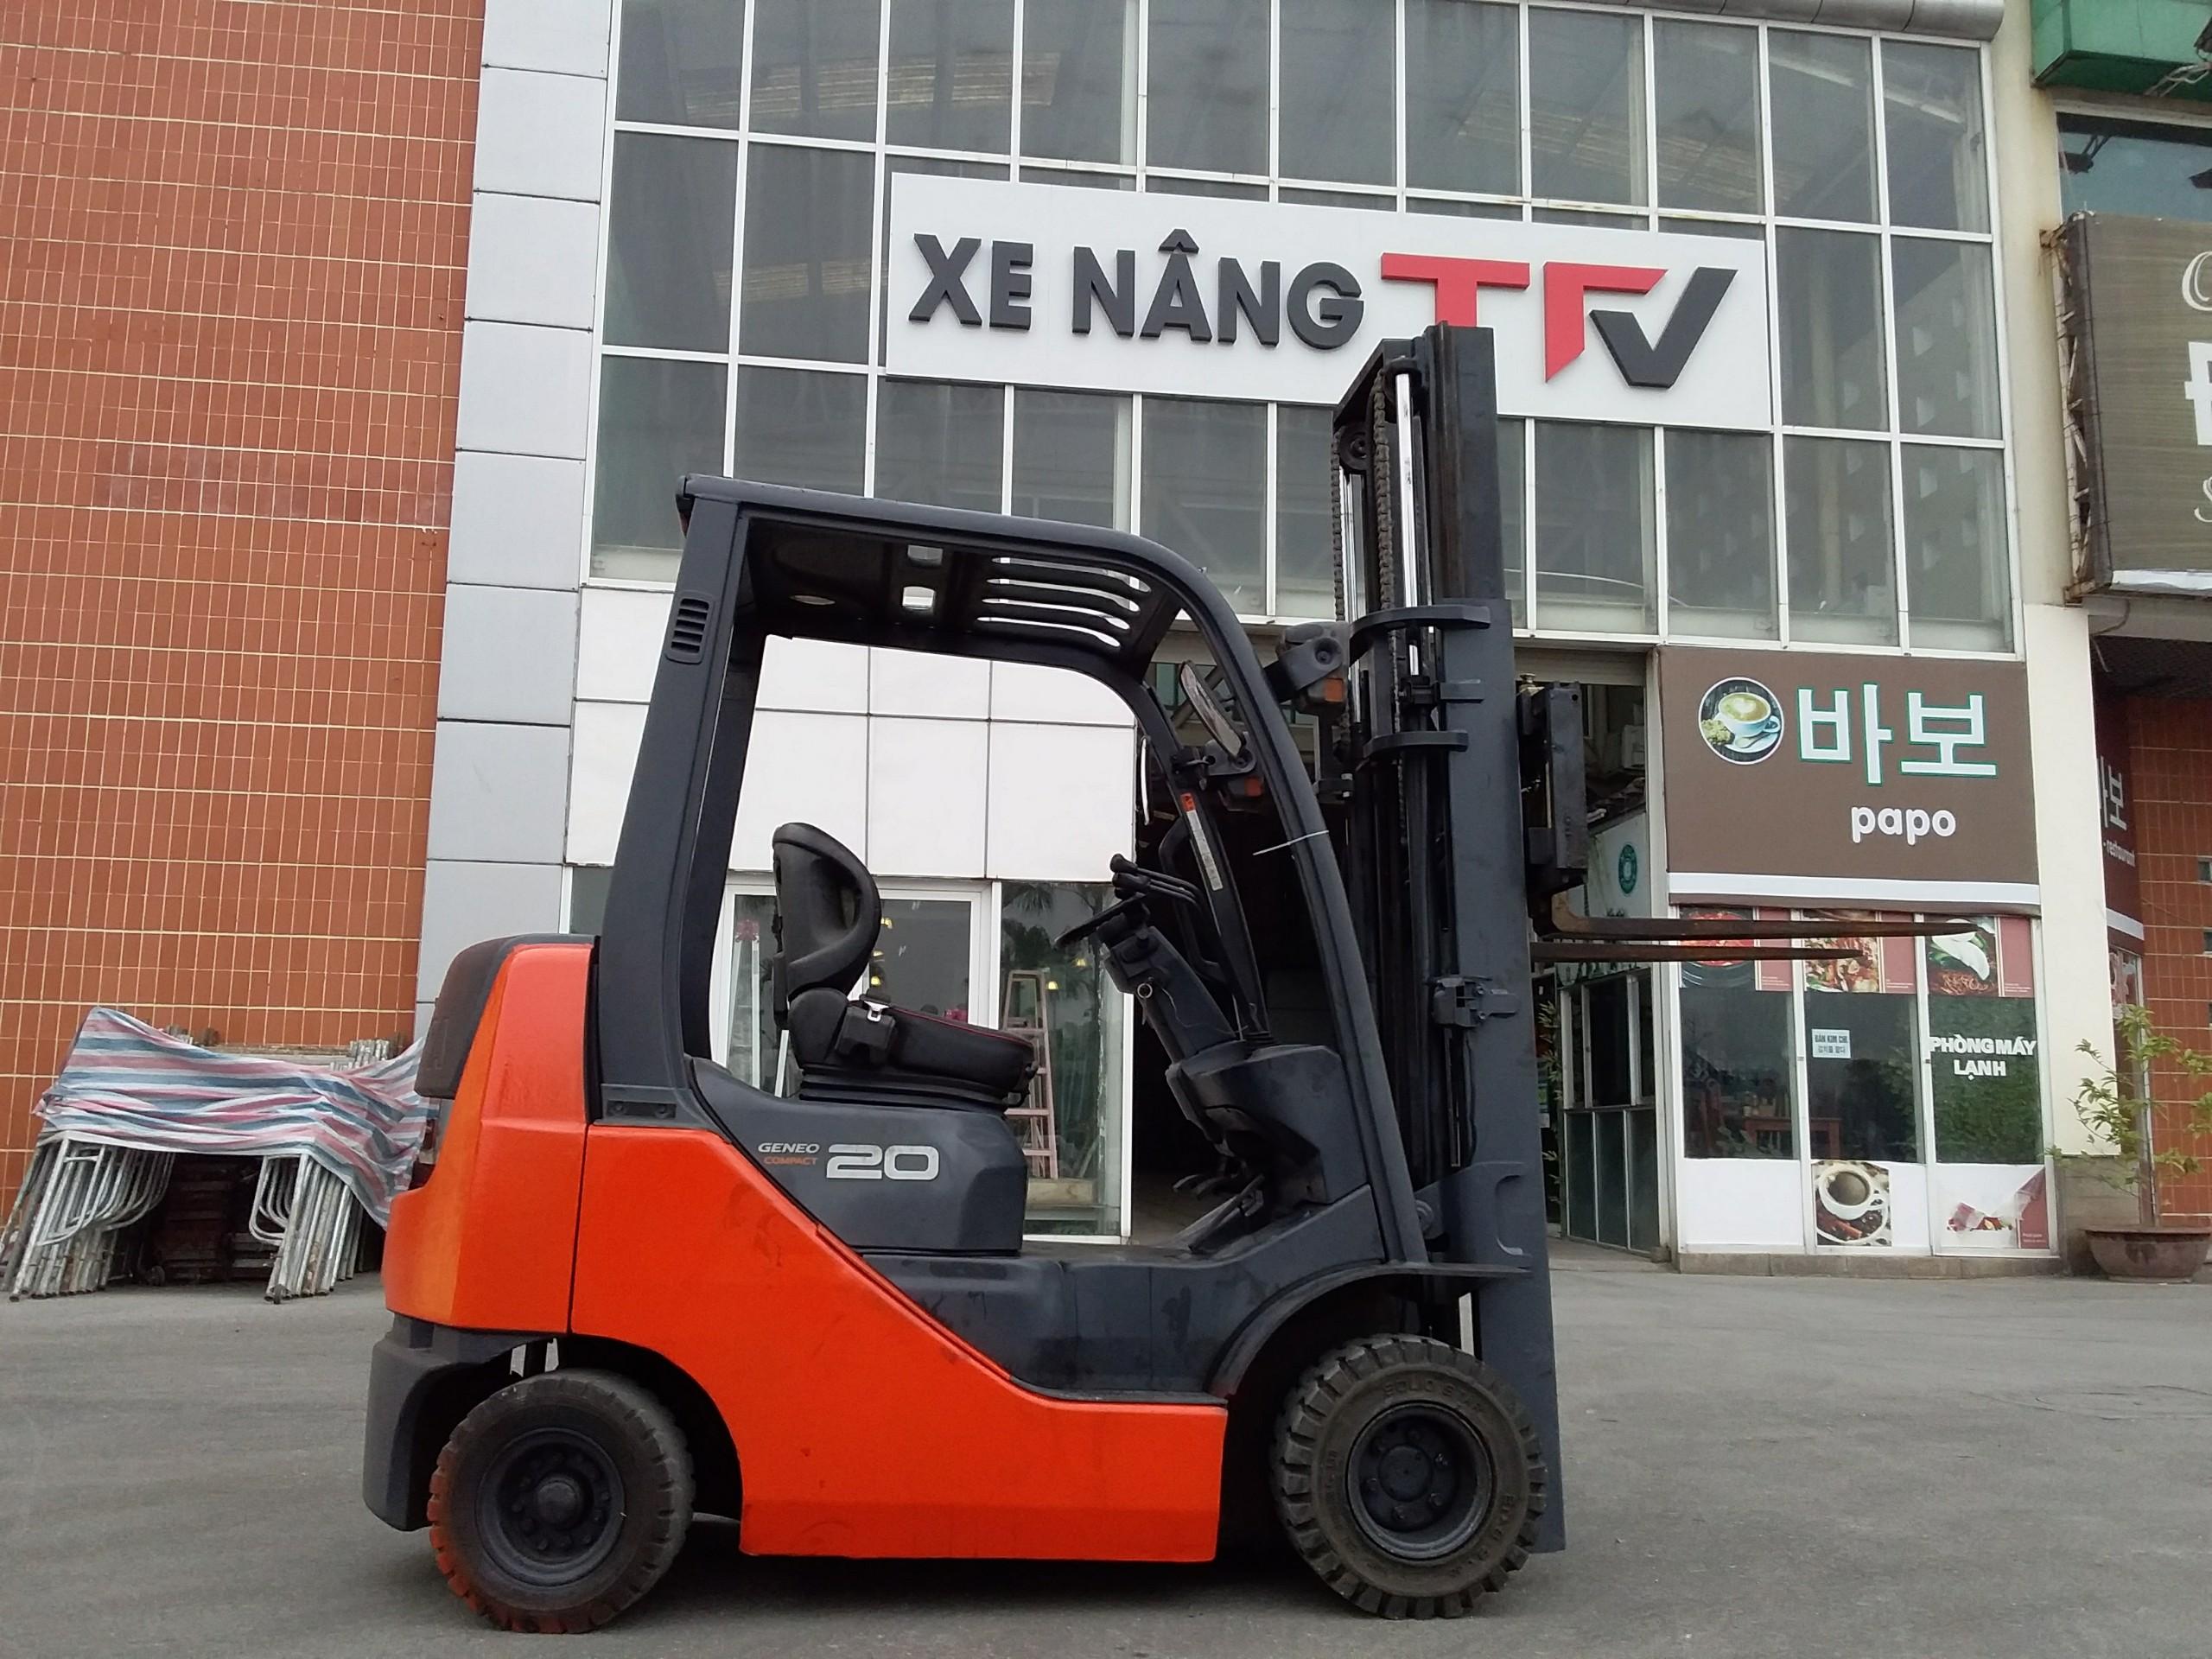 Xe nâng Toyota 2,0 tấn,đã qua sử dụng, Model 02-8FDK20, Số Khung 8FDK30-10153, bảo hành dài hạn, hàng có sẵn tại TFV Mê Linh Plaza